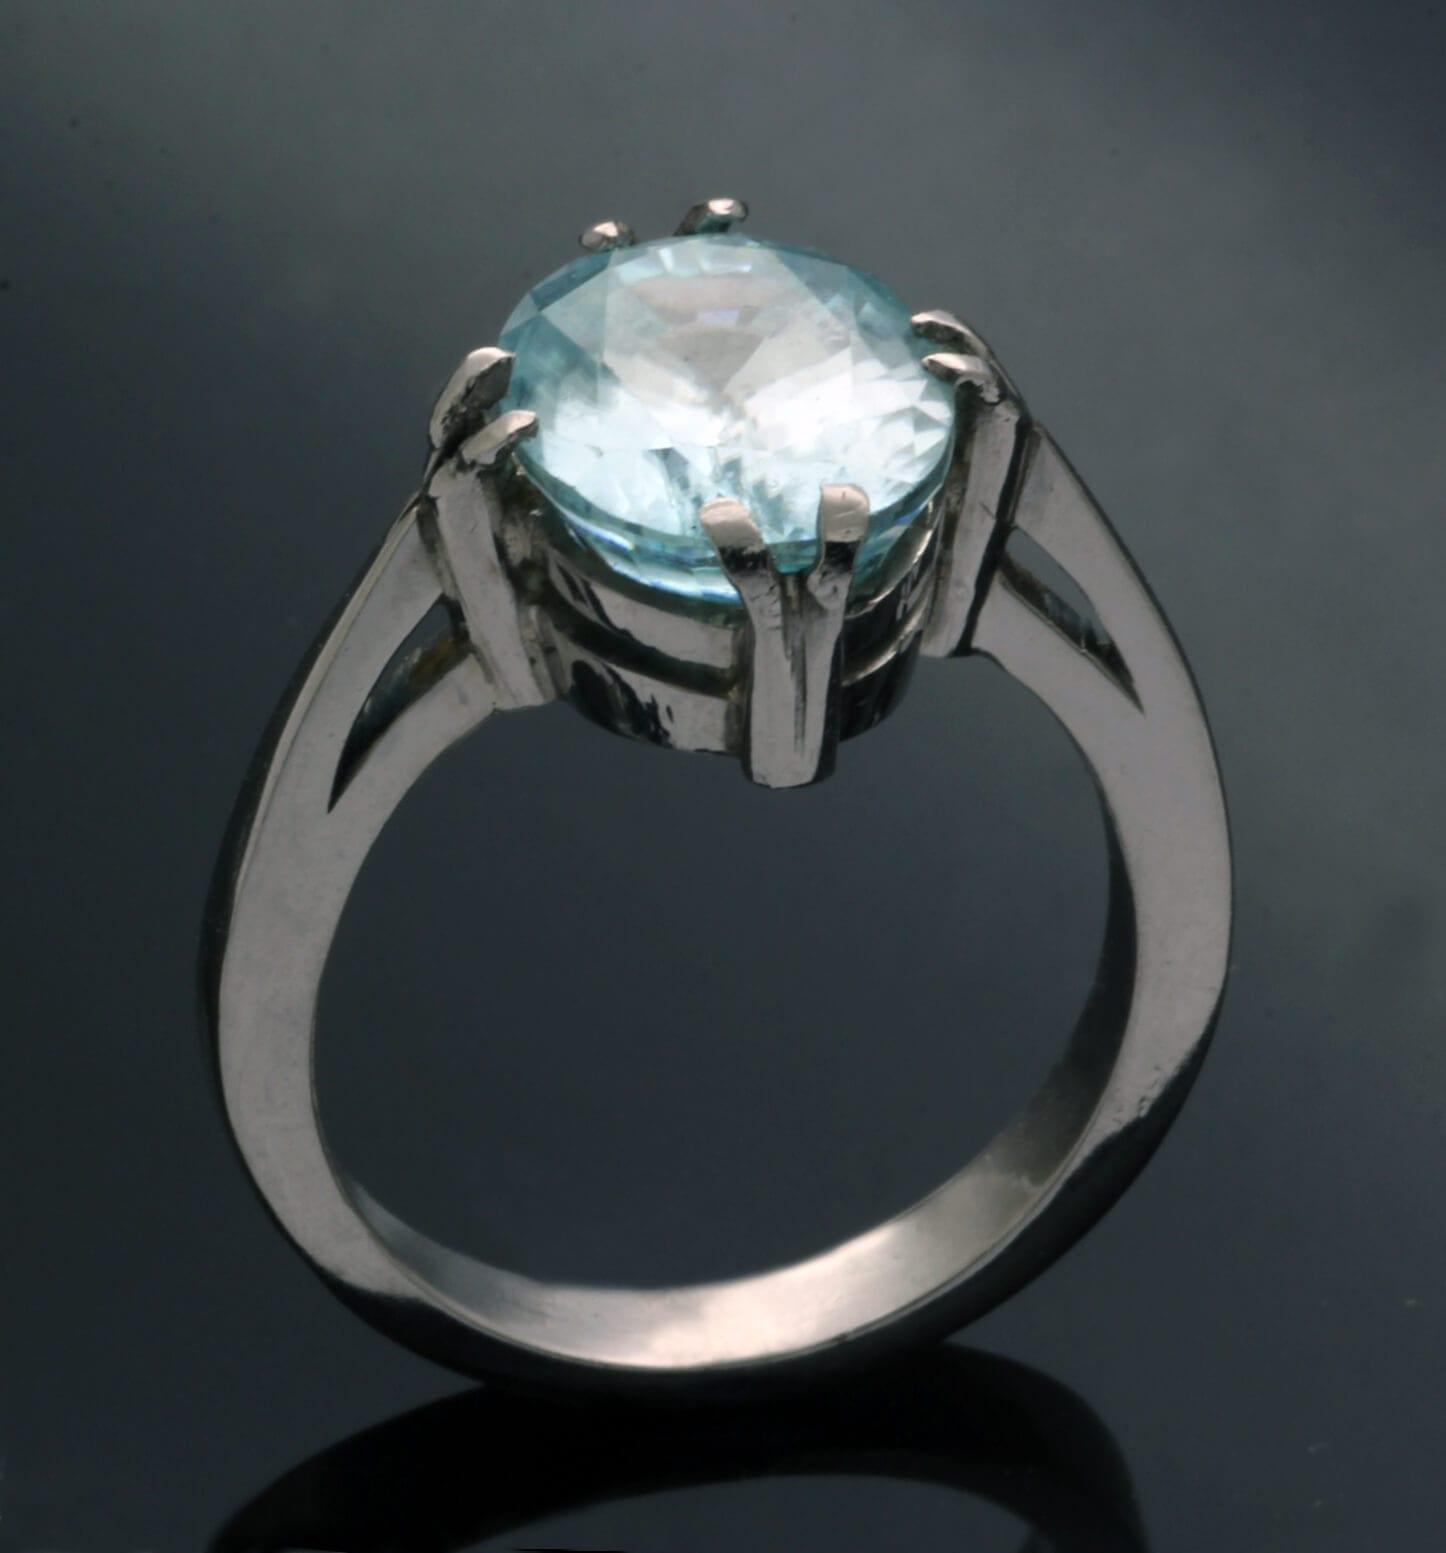 Palladium statement ring with Zircon gemstone handcrafted